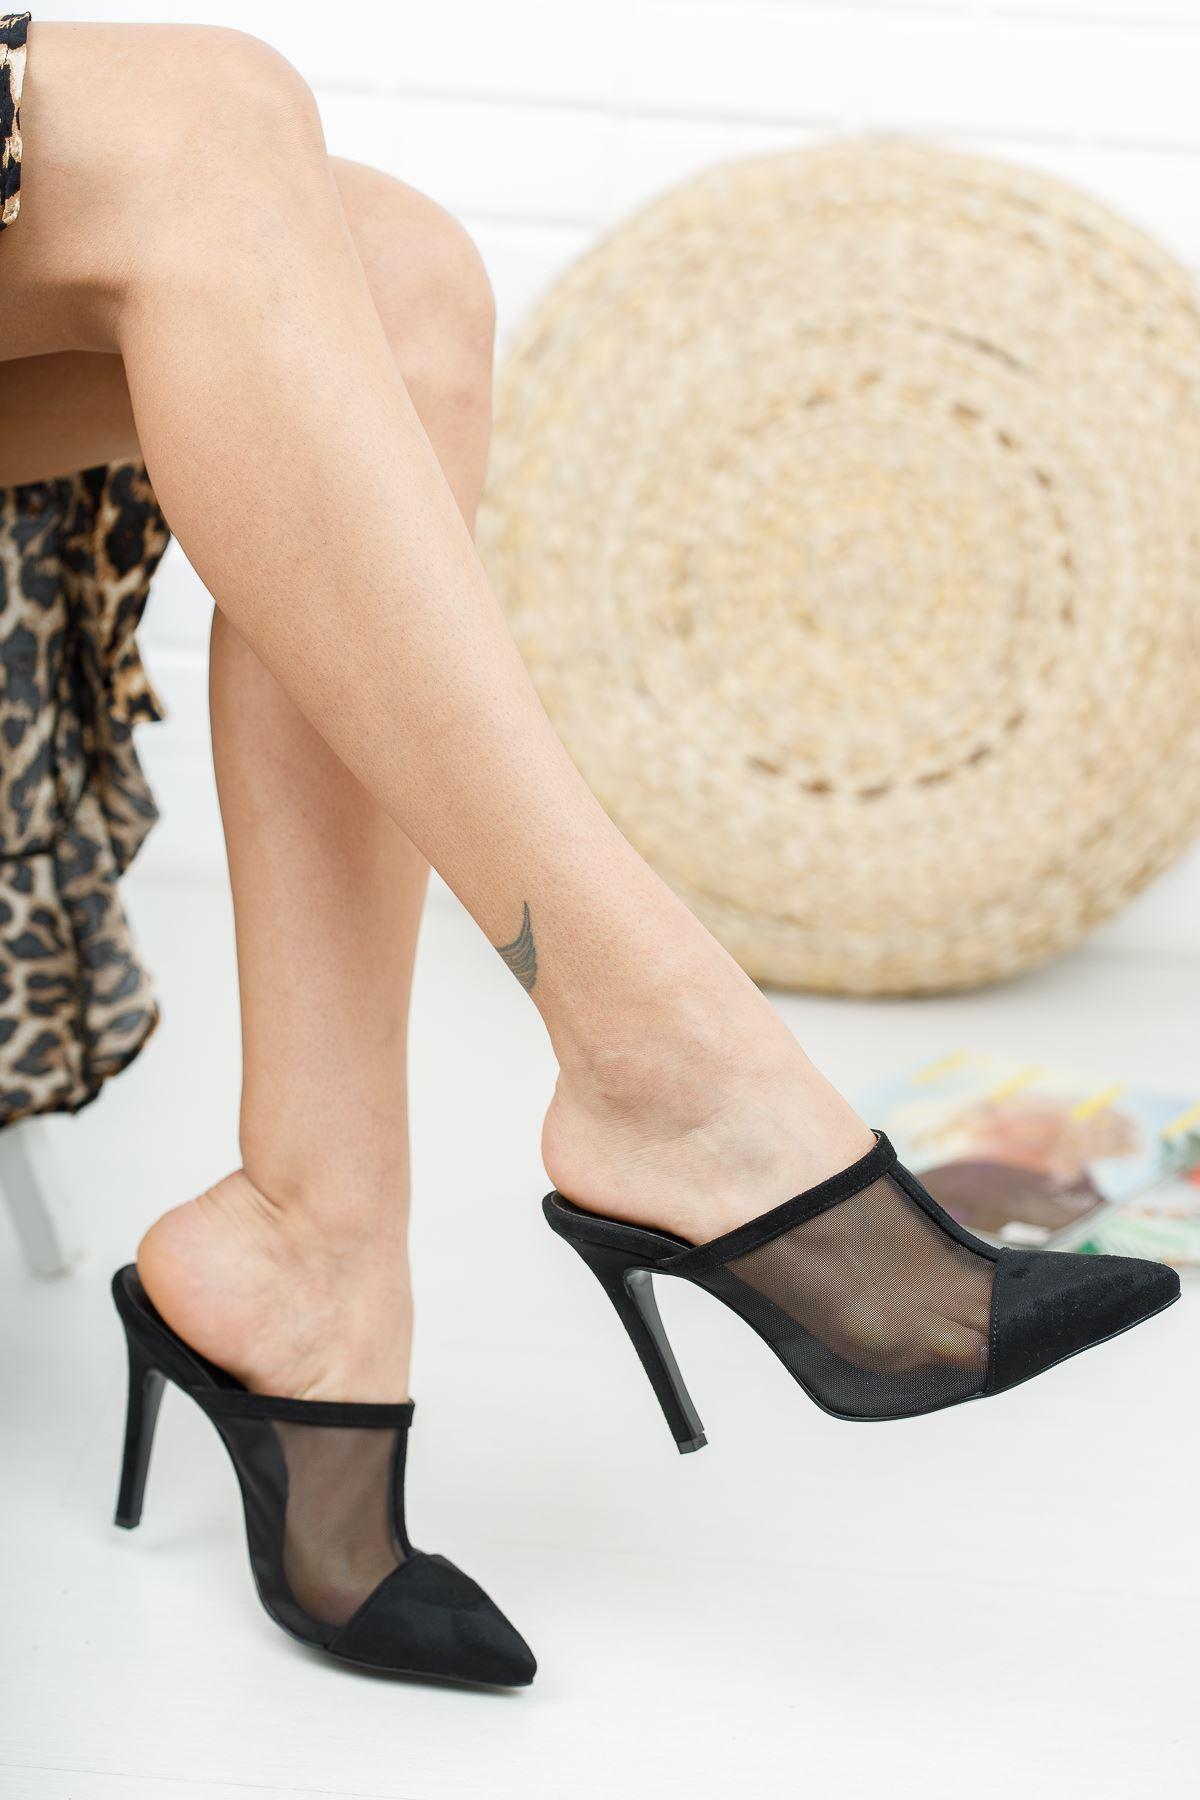 İlevas Siyah Süet Siyah Fileli Topuklu Kadın Terlik